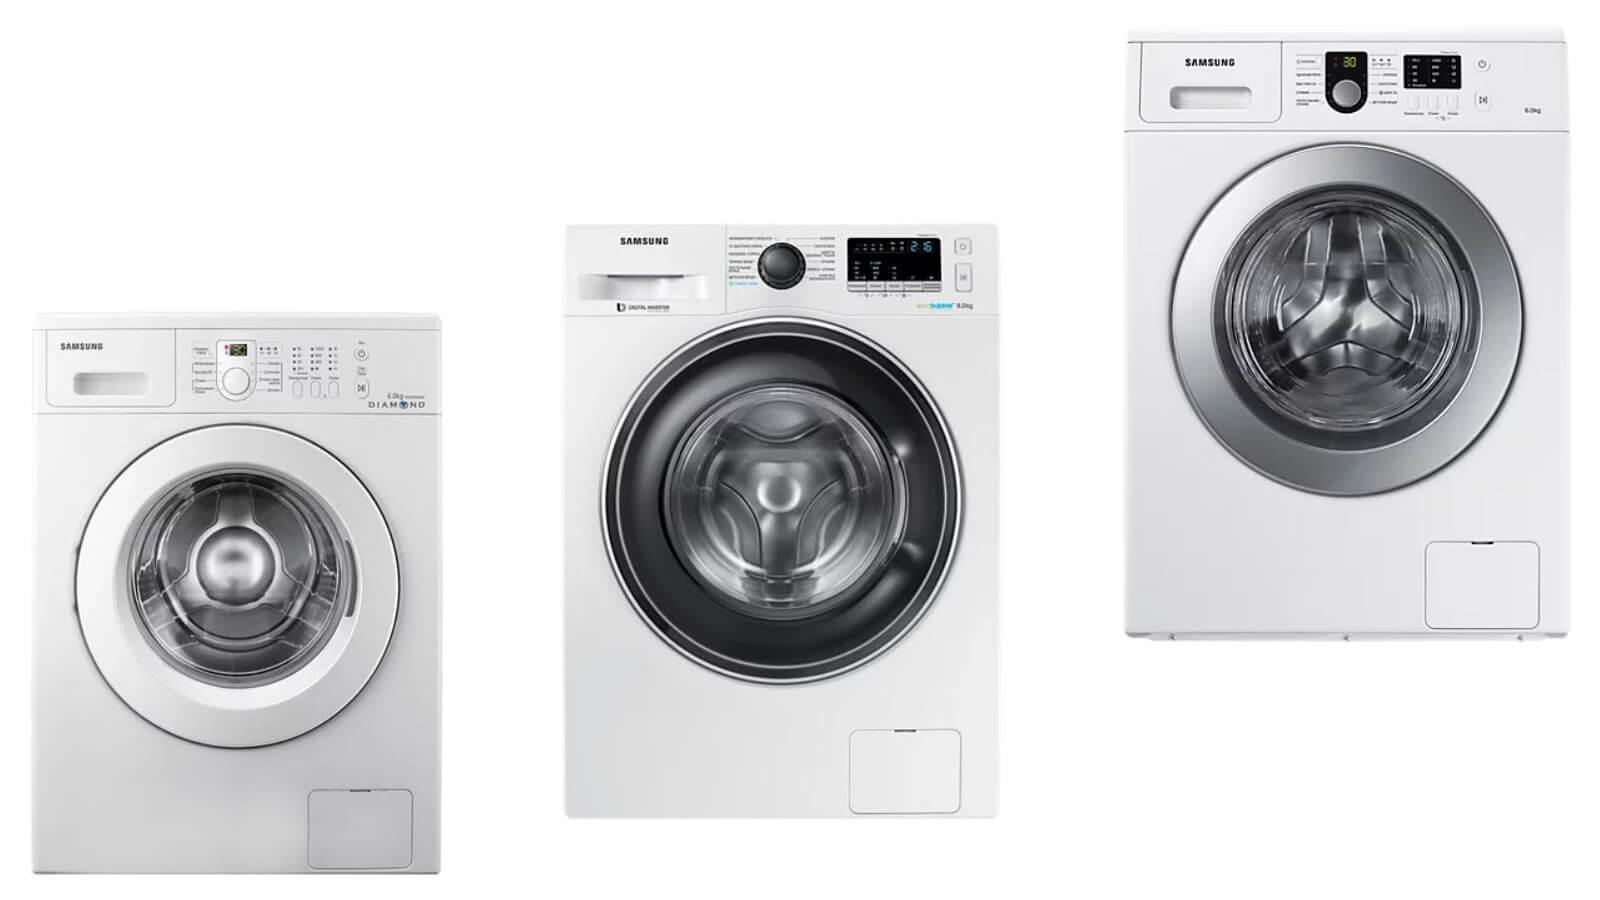 Рейтинг стиральных машин самсунг - какую модель лучше выбрать и купить